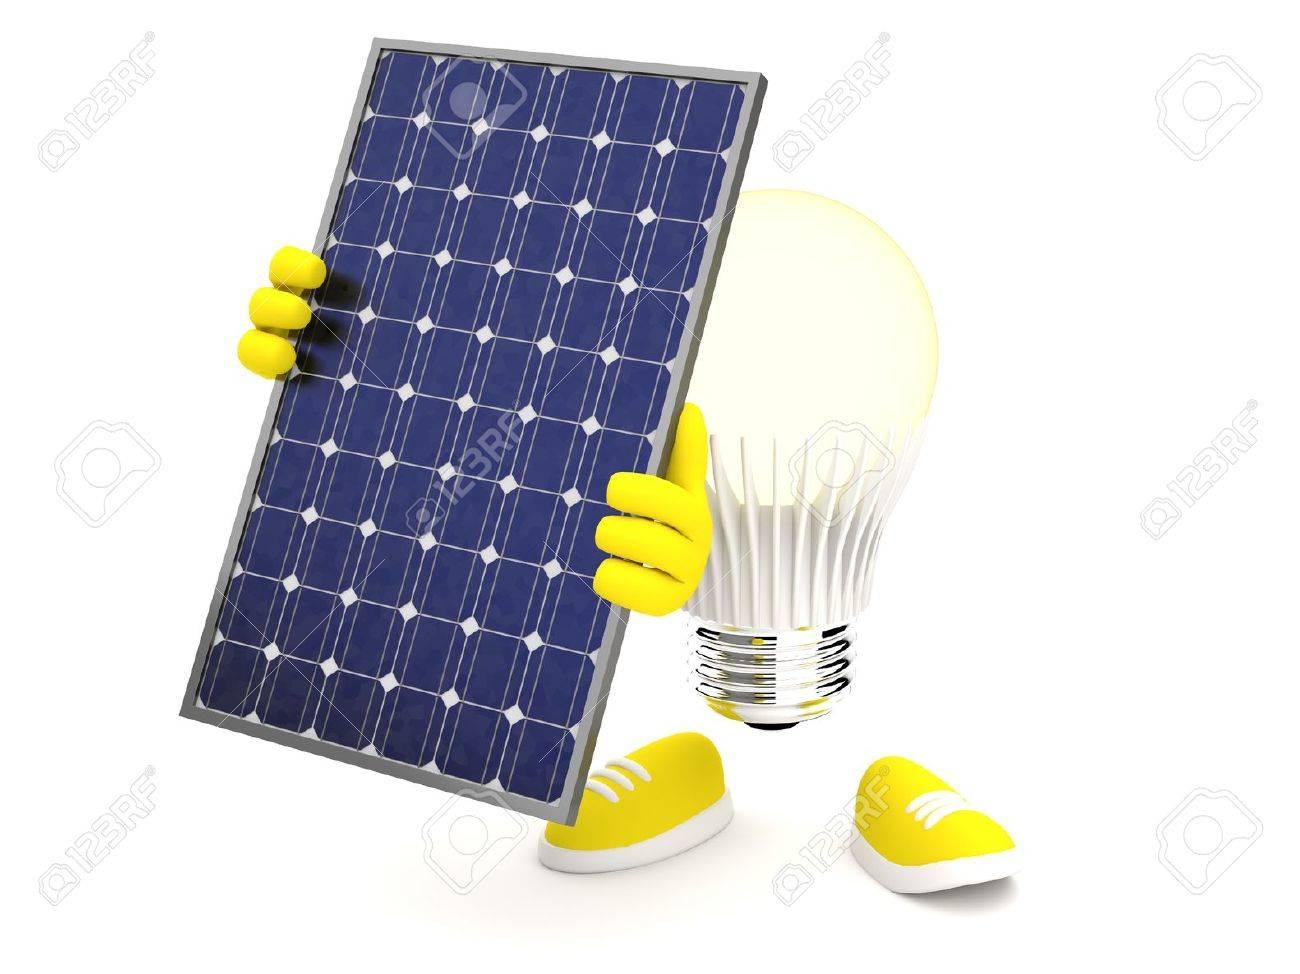 Lampe Led Jaune Se Allume Avec Panneau Photovoltaique